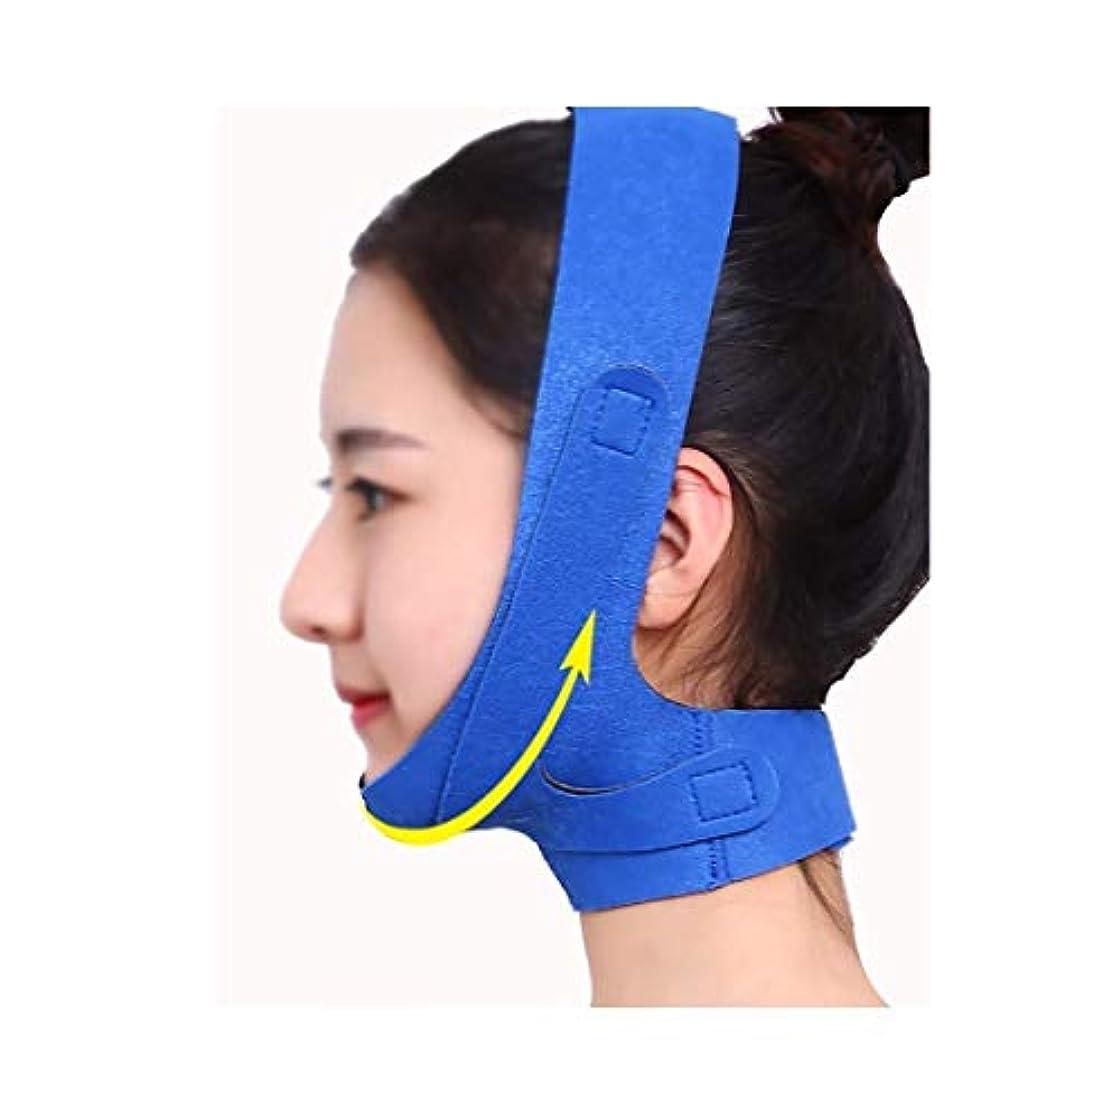 戻す賞賛安全性フェイスリフトマスク、あごストラップ回復包帯睡眠薄いフェイスバンデージ薄いフェイスマスクフェイスリフトアーティファクトフェイスリフト美容マスク包帯青いフェイスマスクで小さなV顔を強化するには